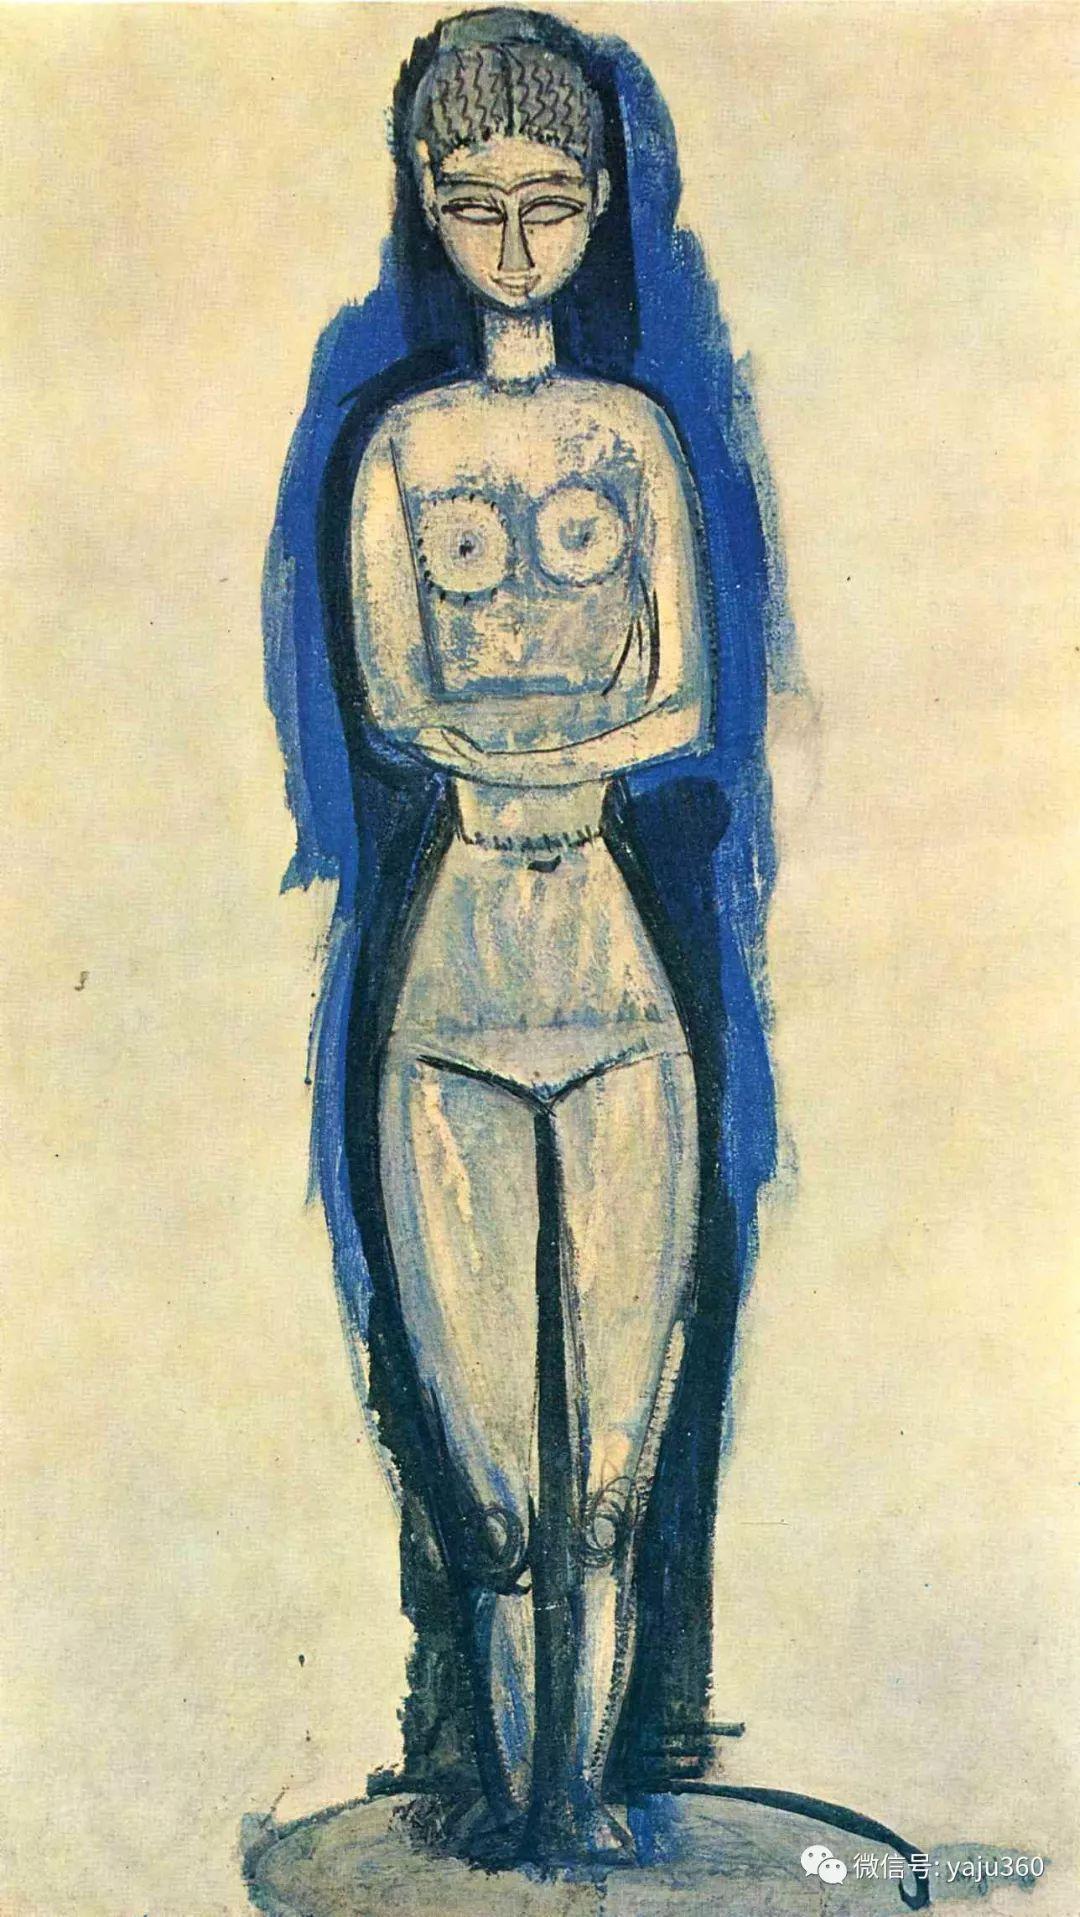 世界著名画家之莫迪利阿尼插图107